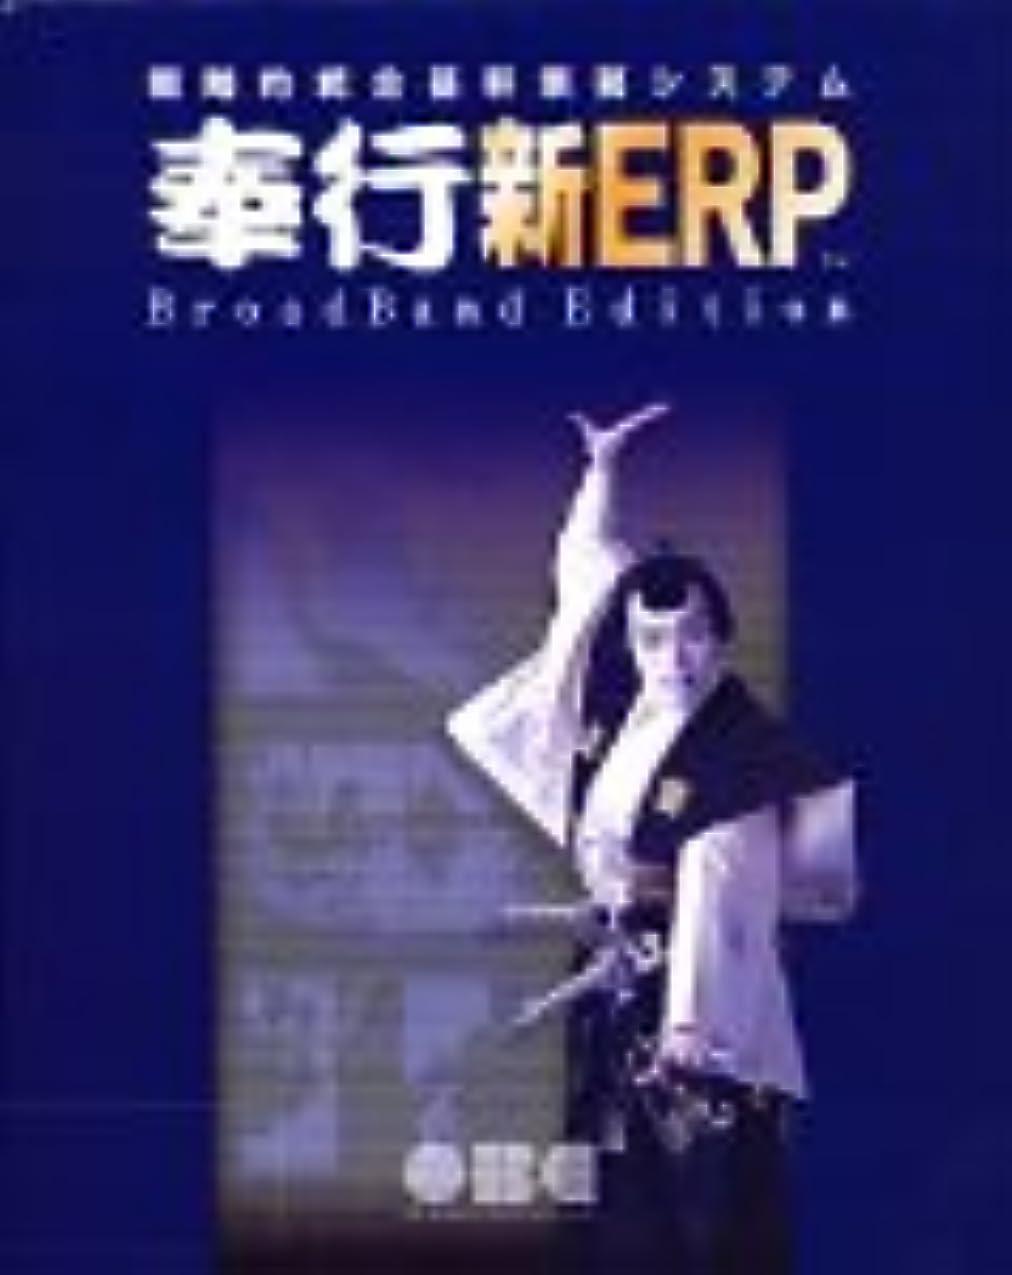 人事奉行 21 新ERP BroadBand Edition with SQL Server 2000 for Windows 10ライセンス